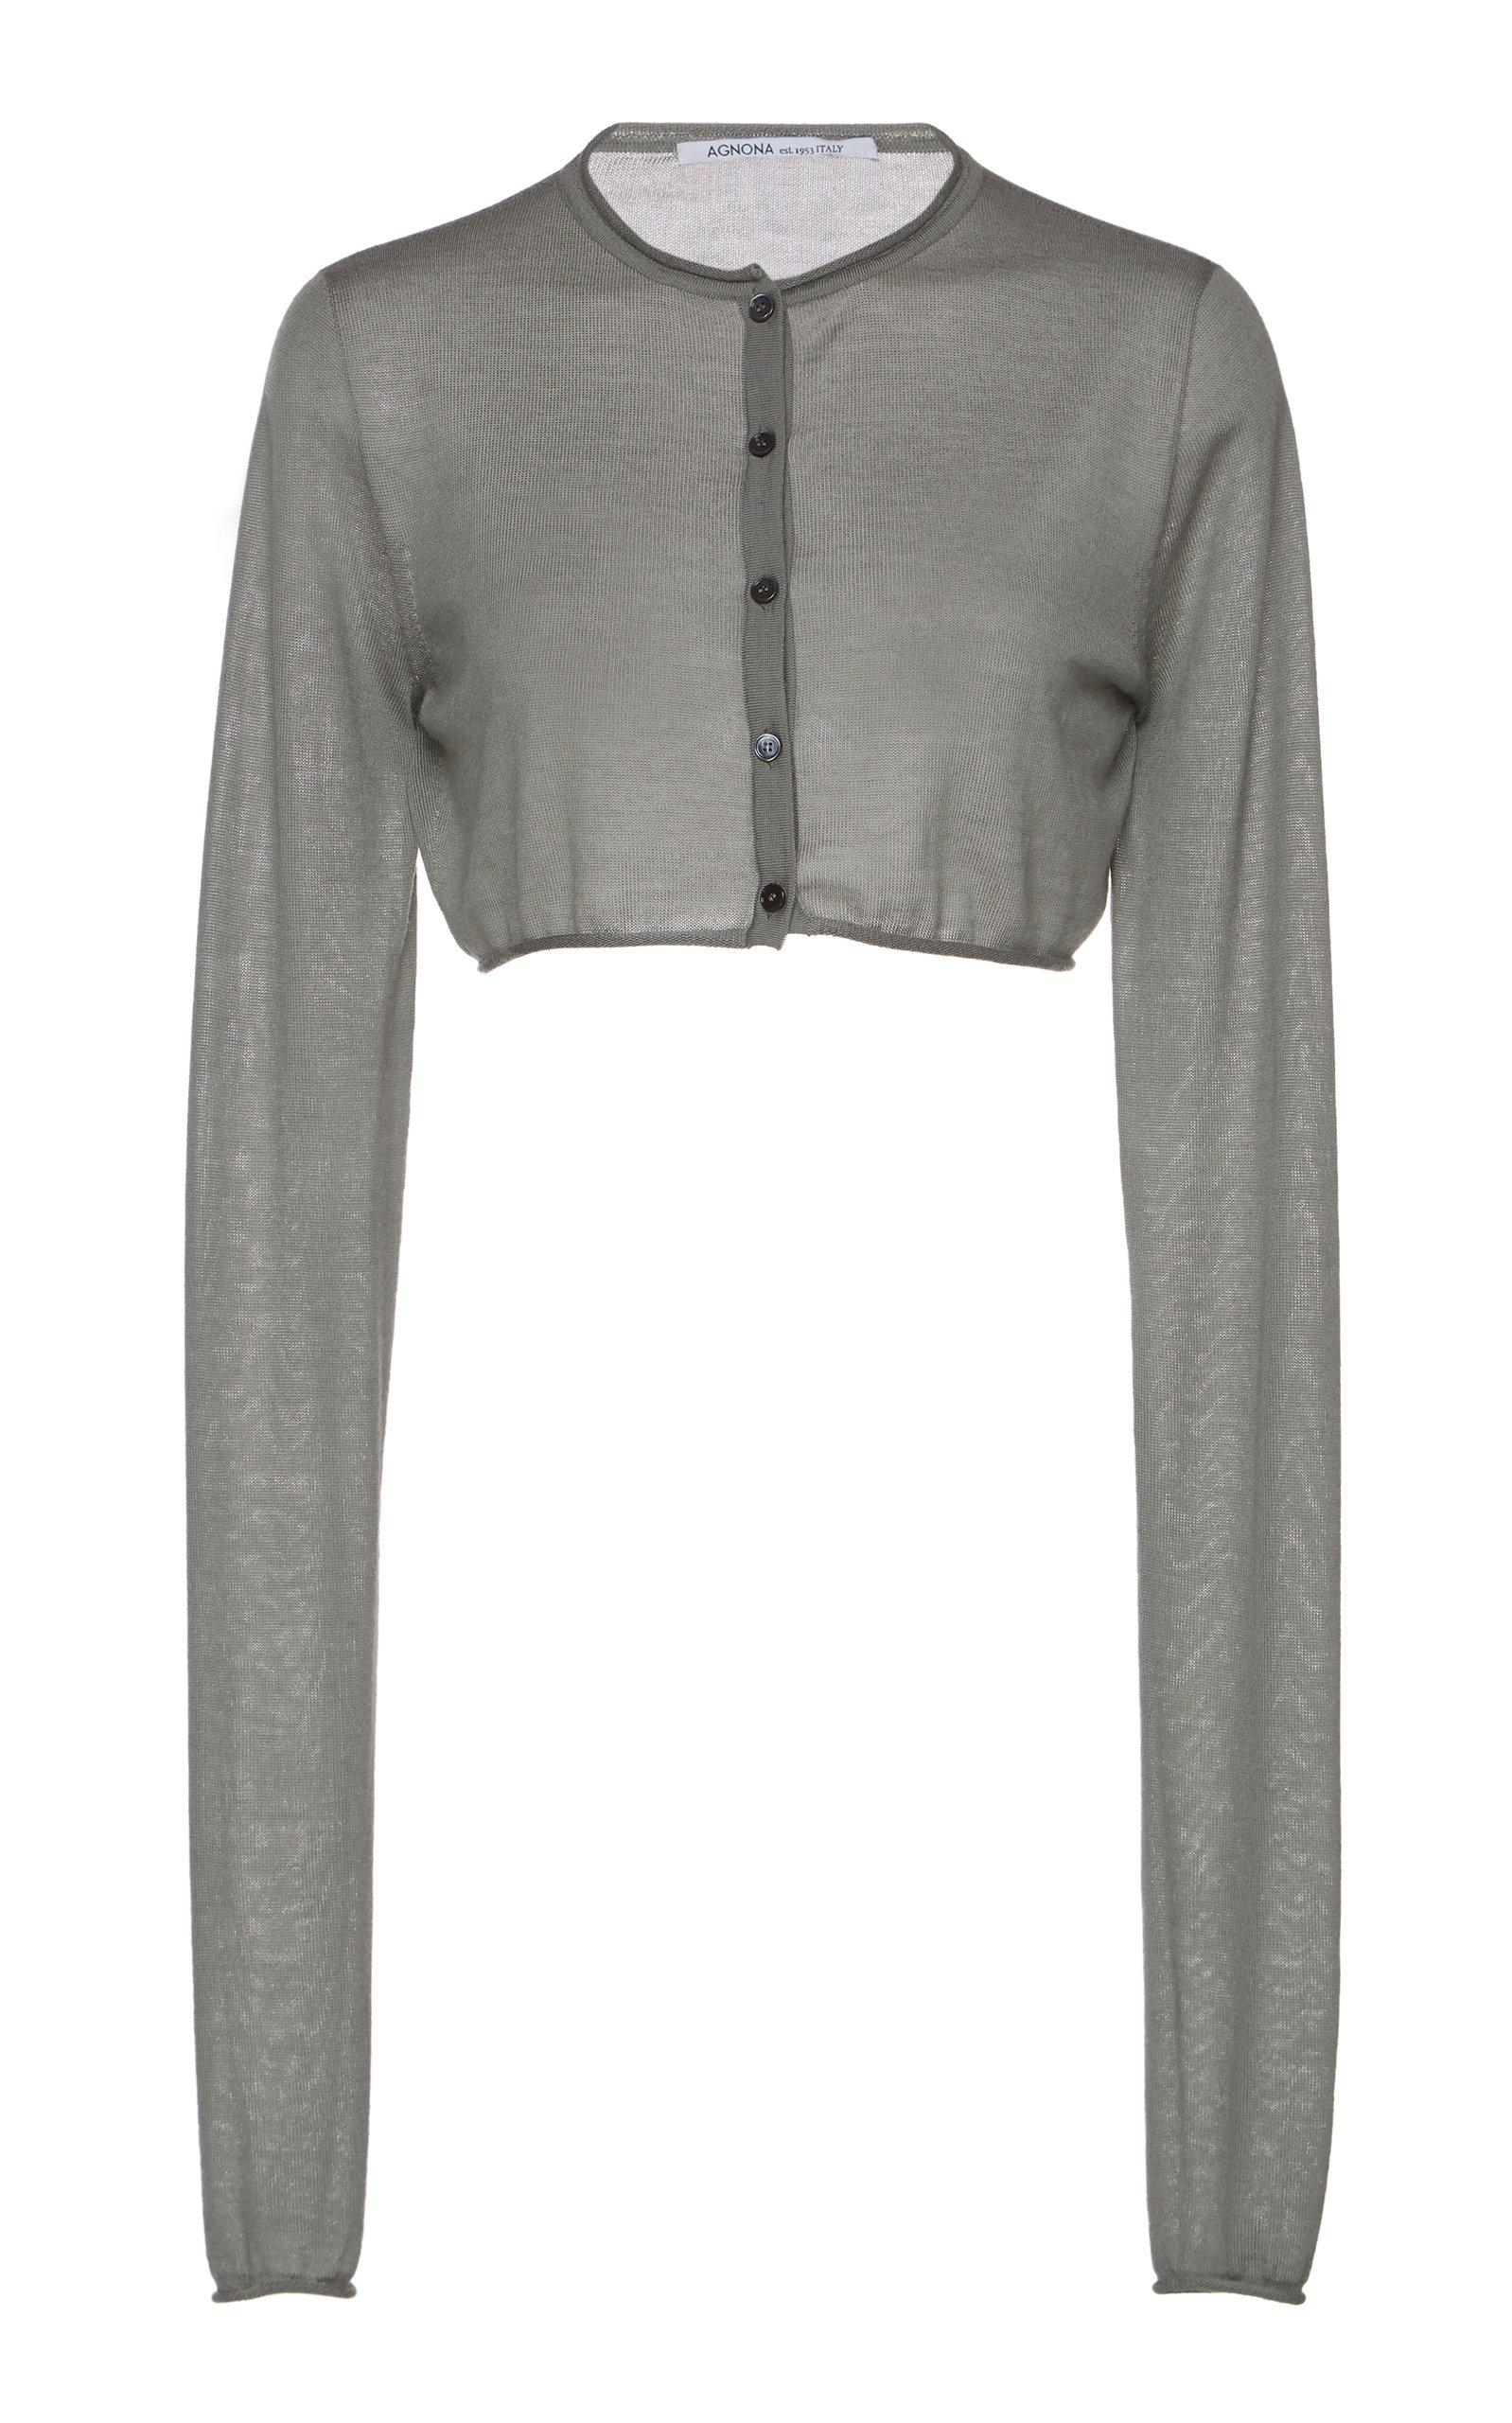 6e45479ba2 Cropped Cashmere Cardigan by Agnona